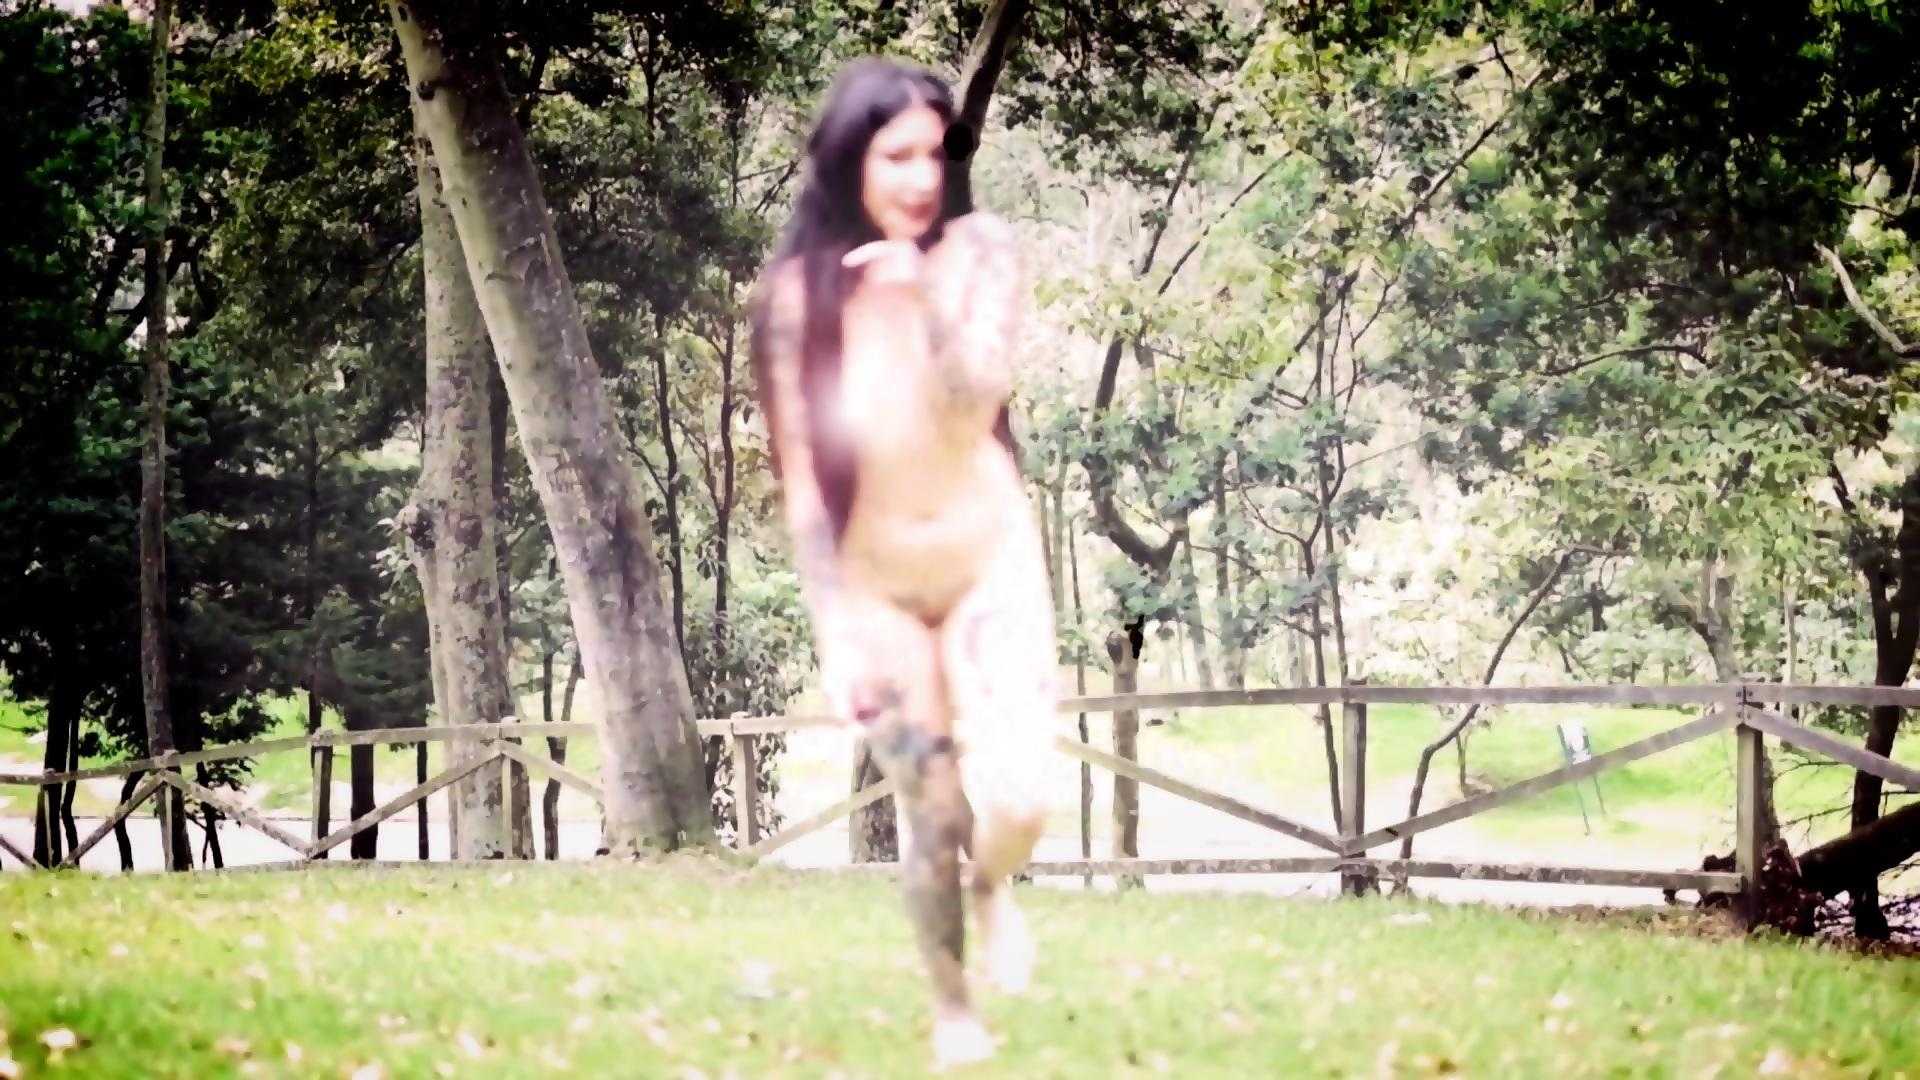 In public naked girl Nude in